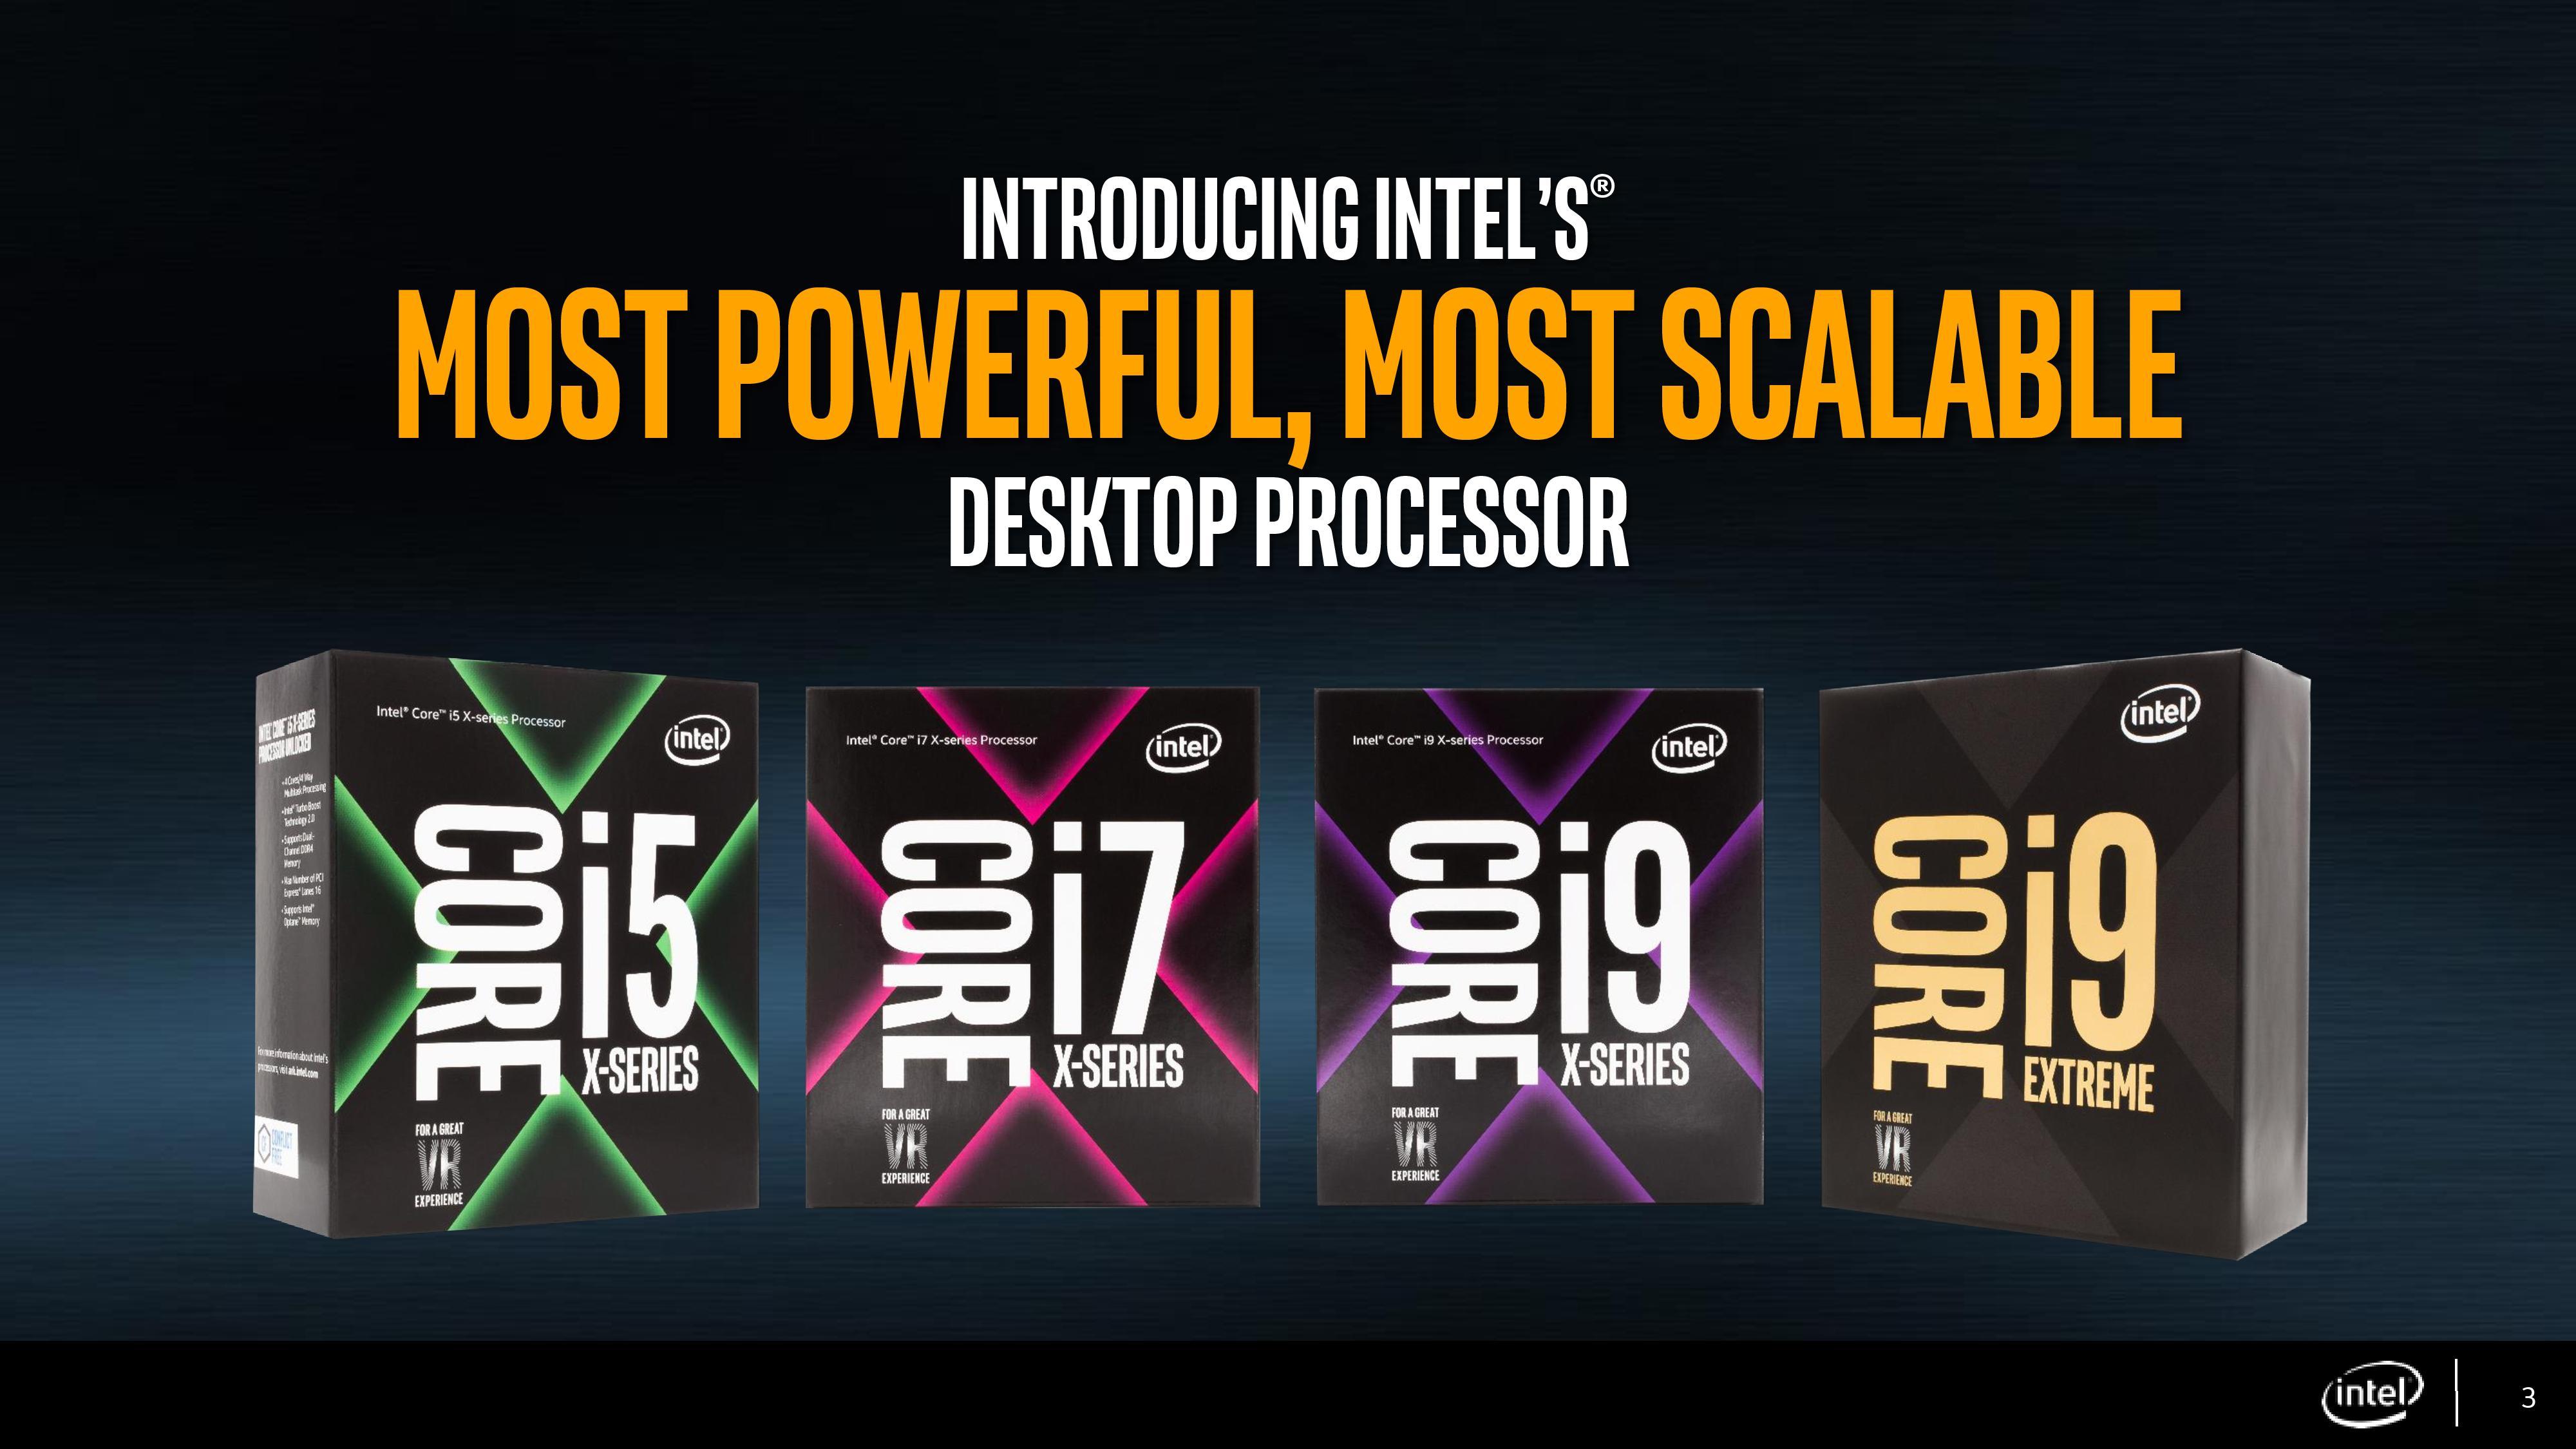 ¿Las GPUs reemplazarán a las CPUs?